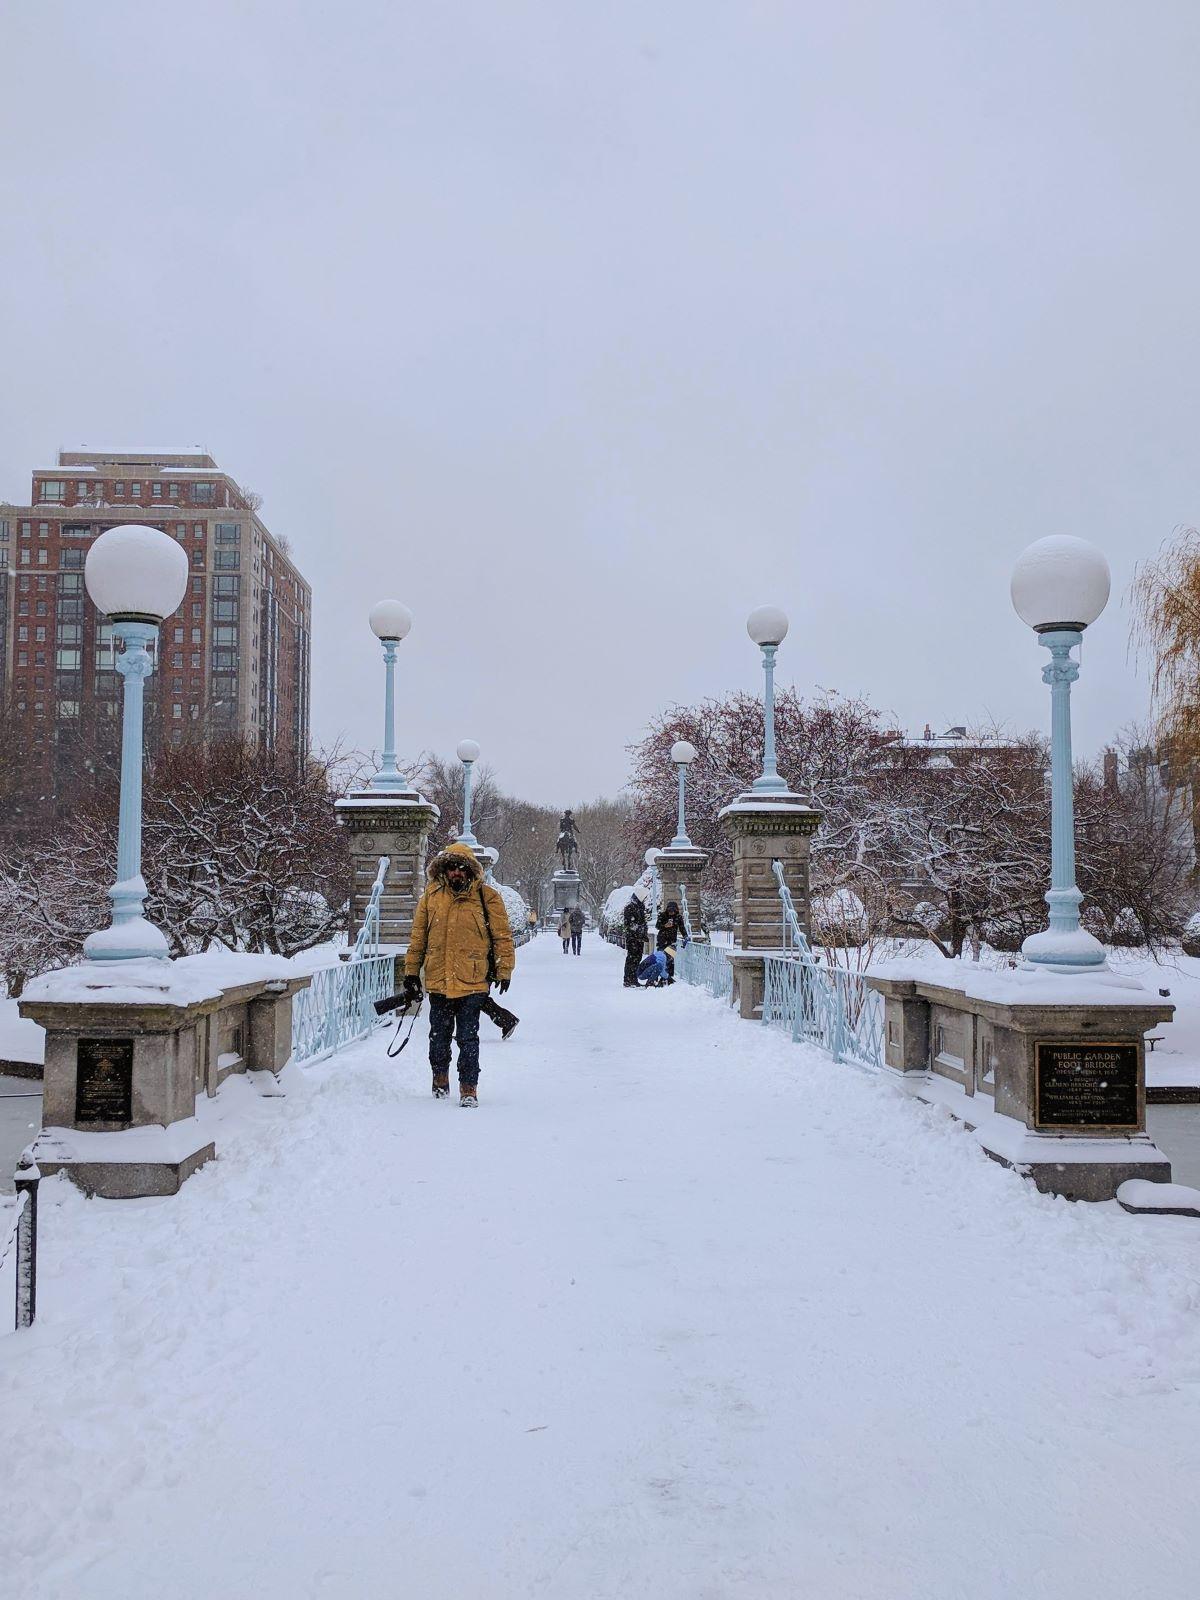 snow-covered bridge in the Boston Public Garden